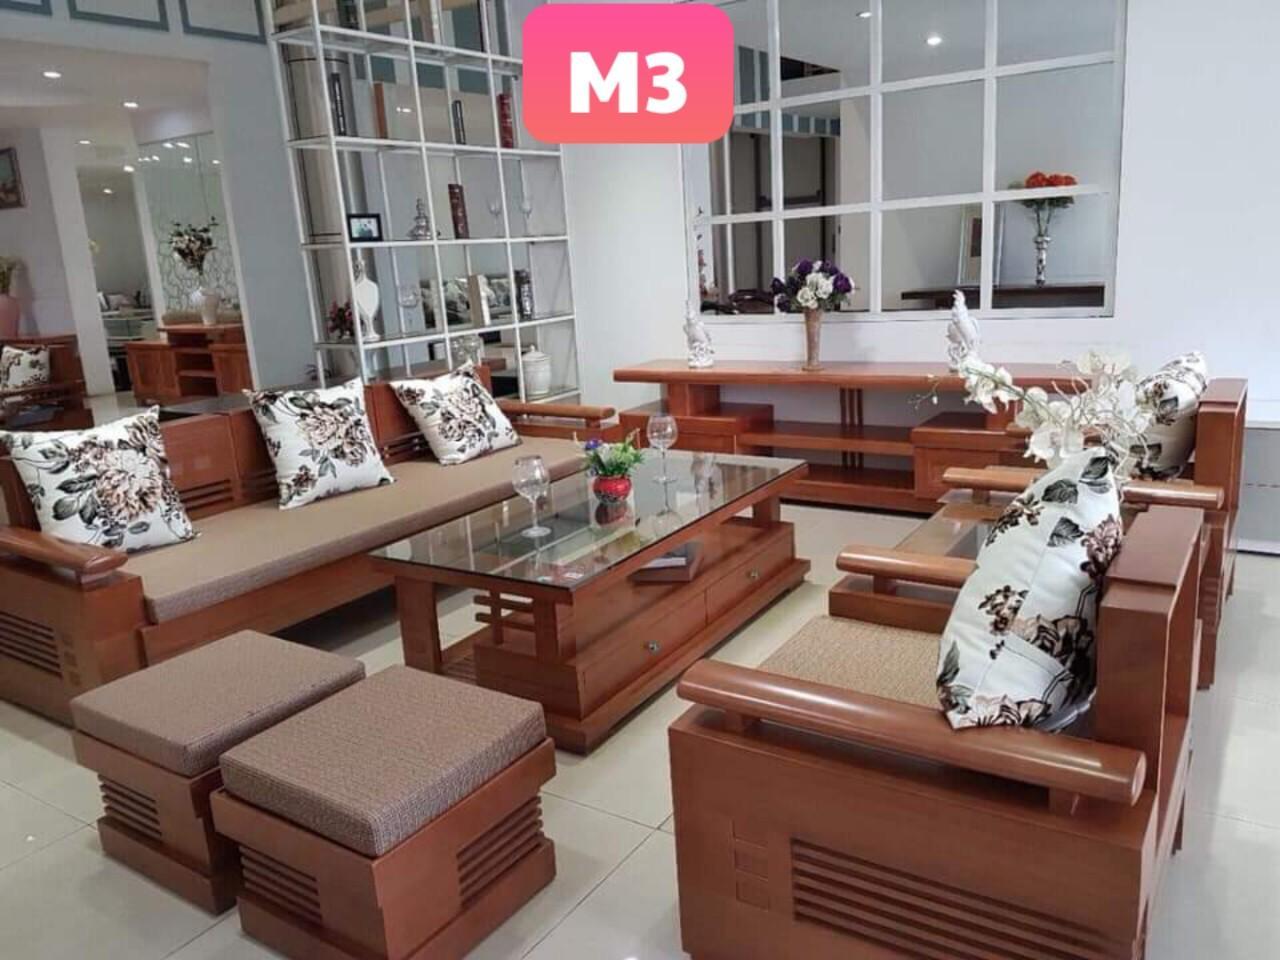 Bàn Ghế Sofa Phòng Khách Gỗ Sồi Nga Mẫu 03 By Nội Thất Lộc Phát.